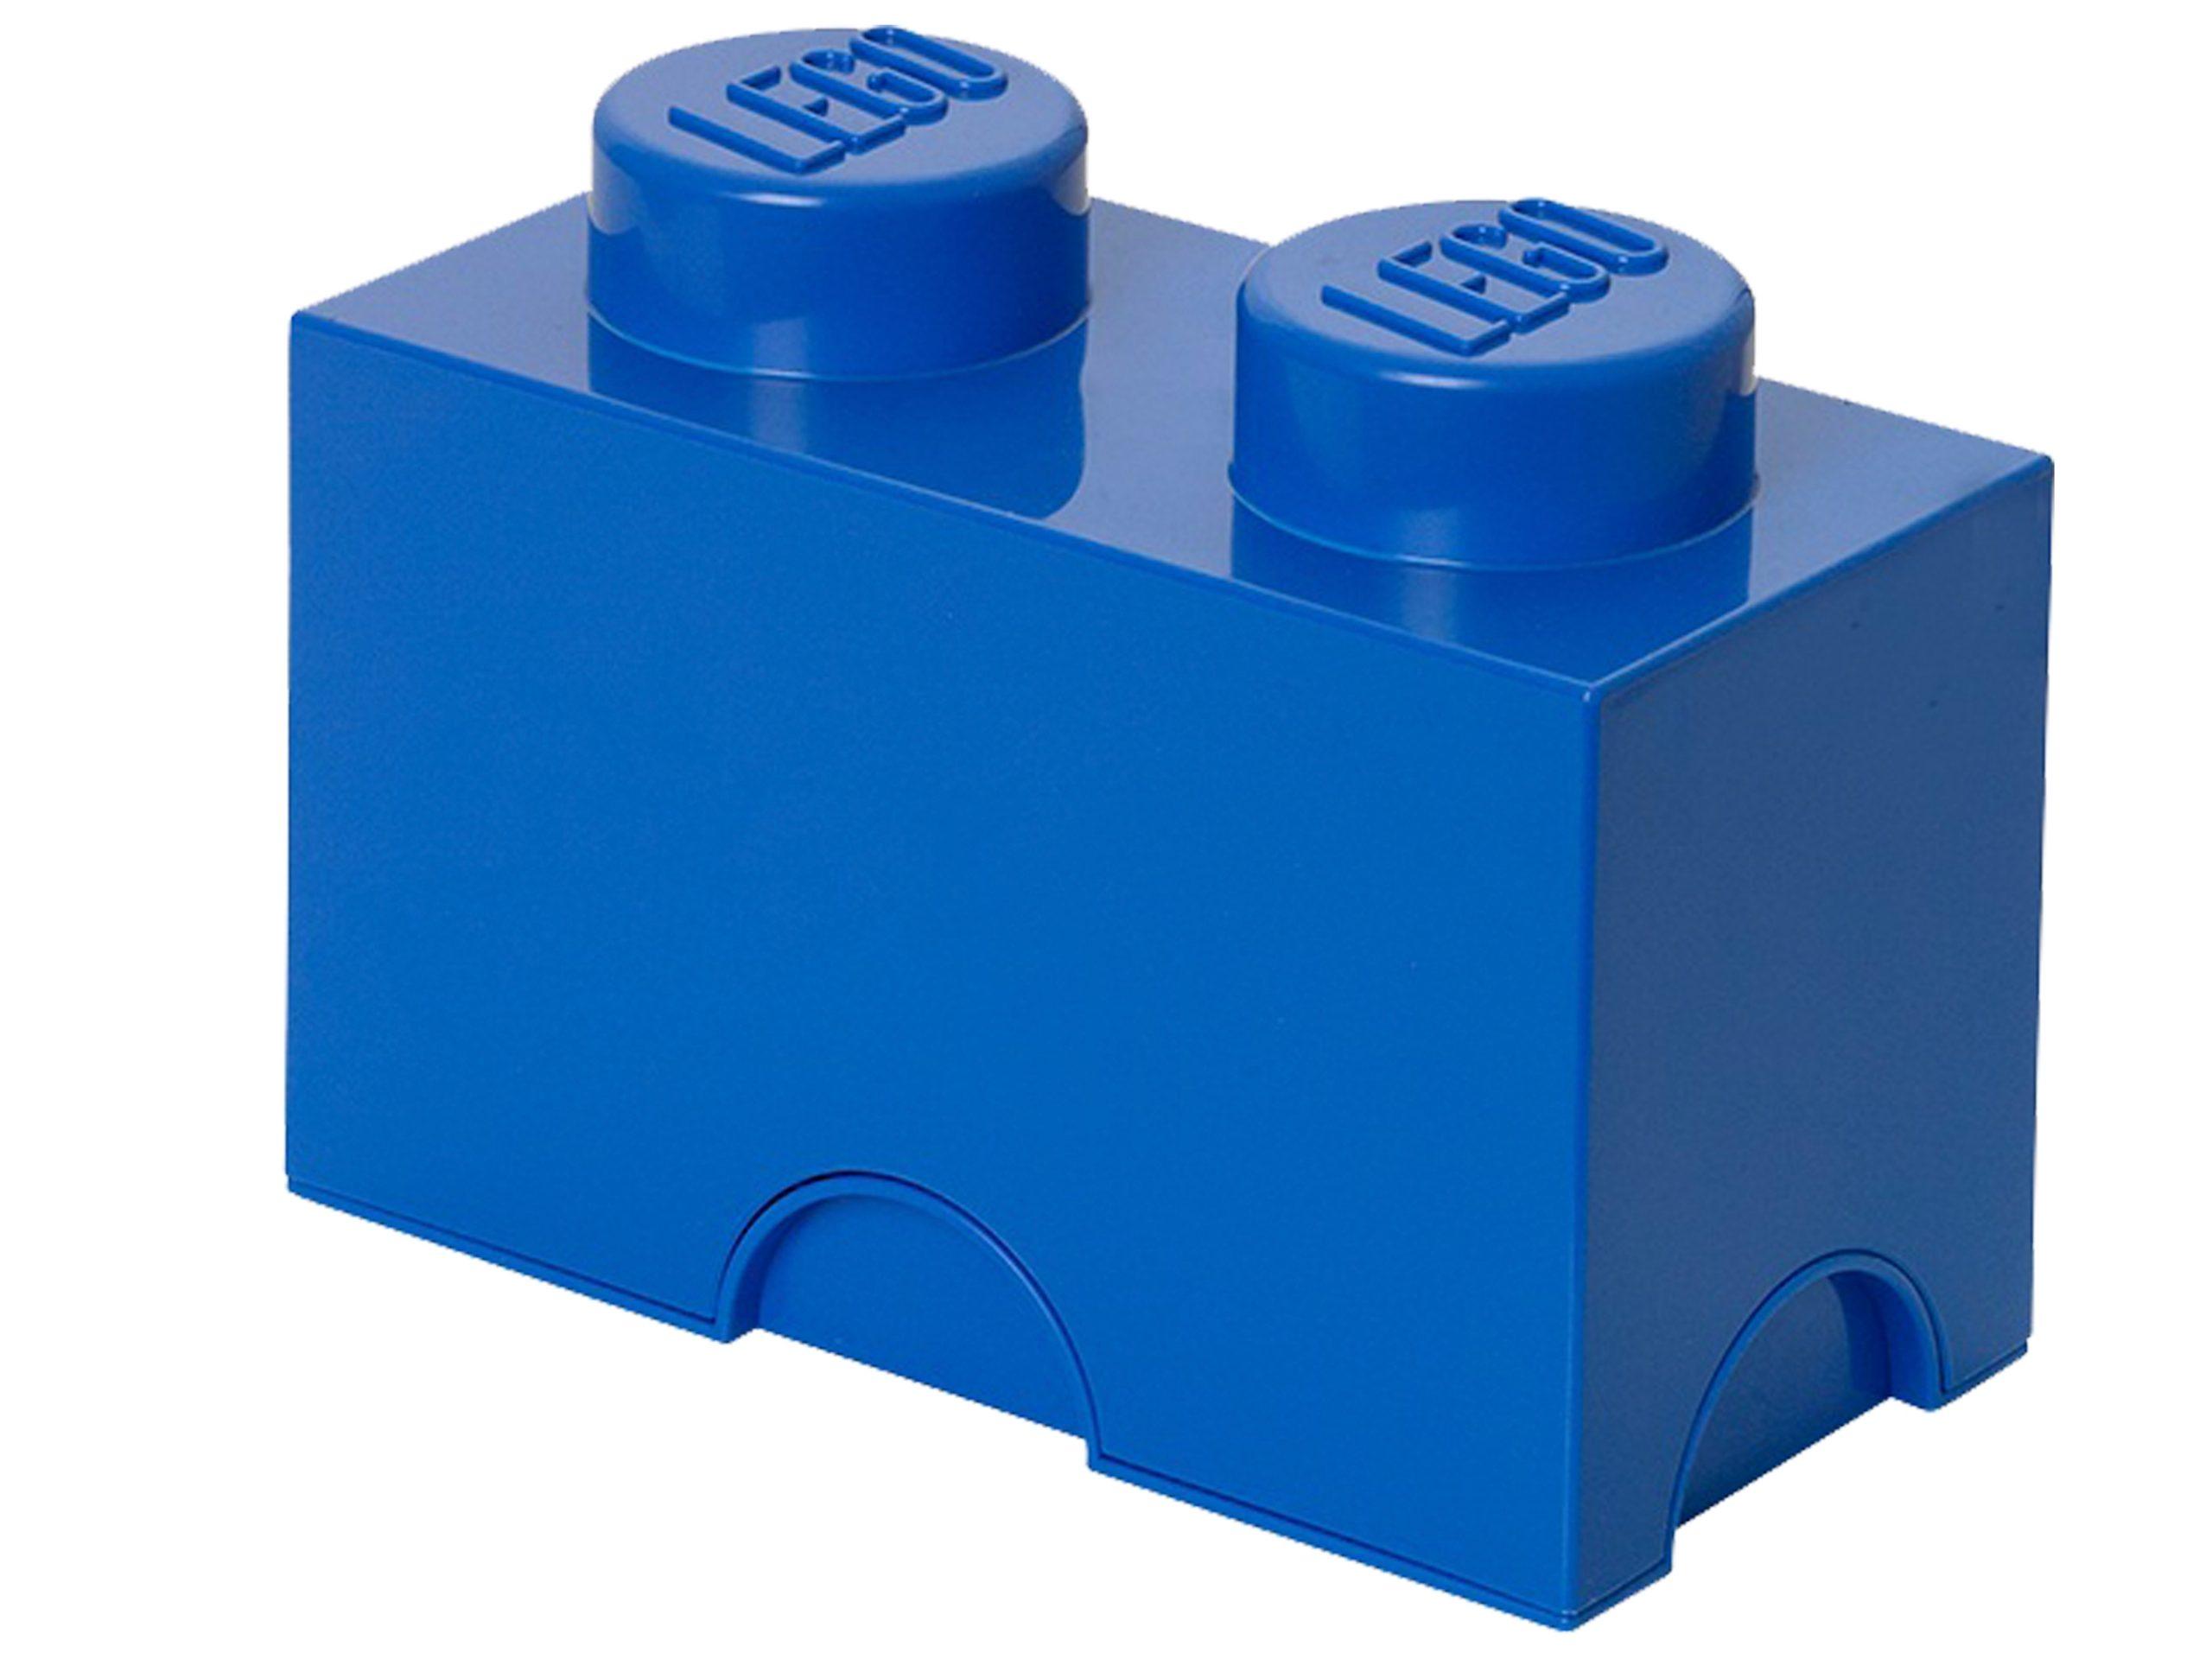 lego 5004280 2 stud blue storage brick scaled